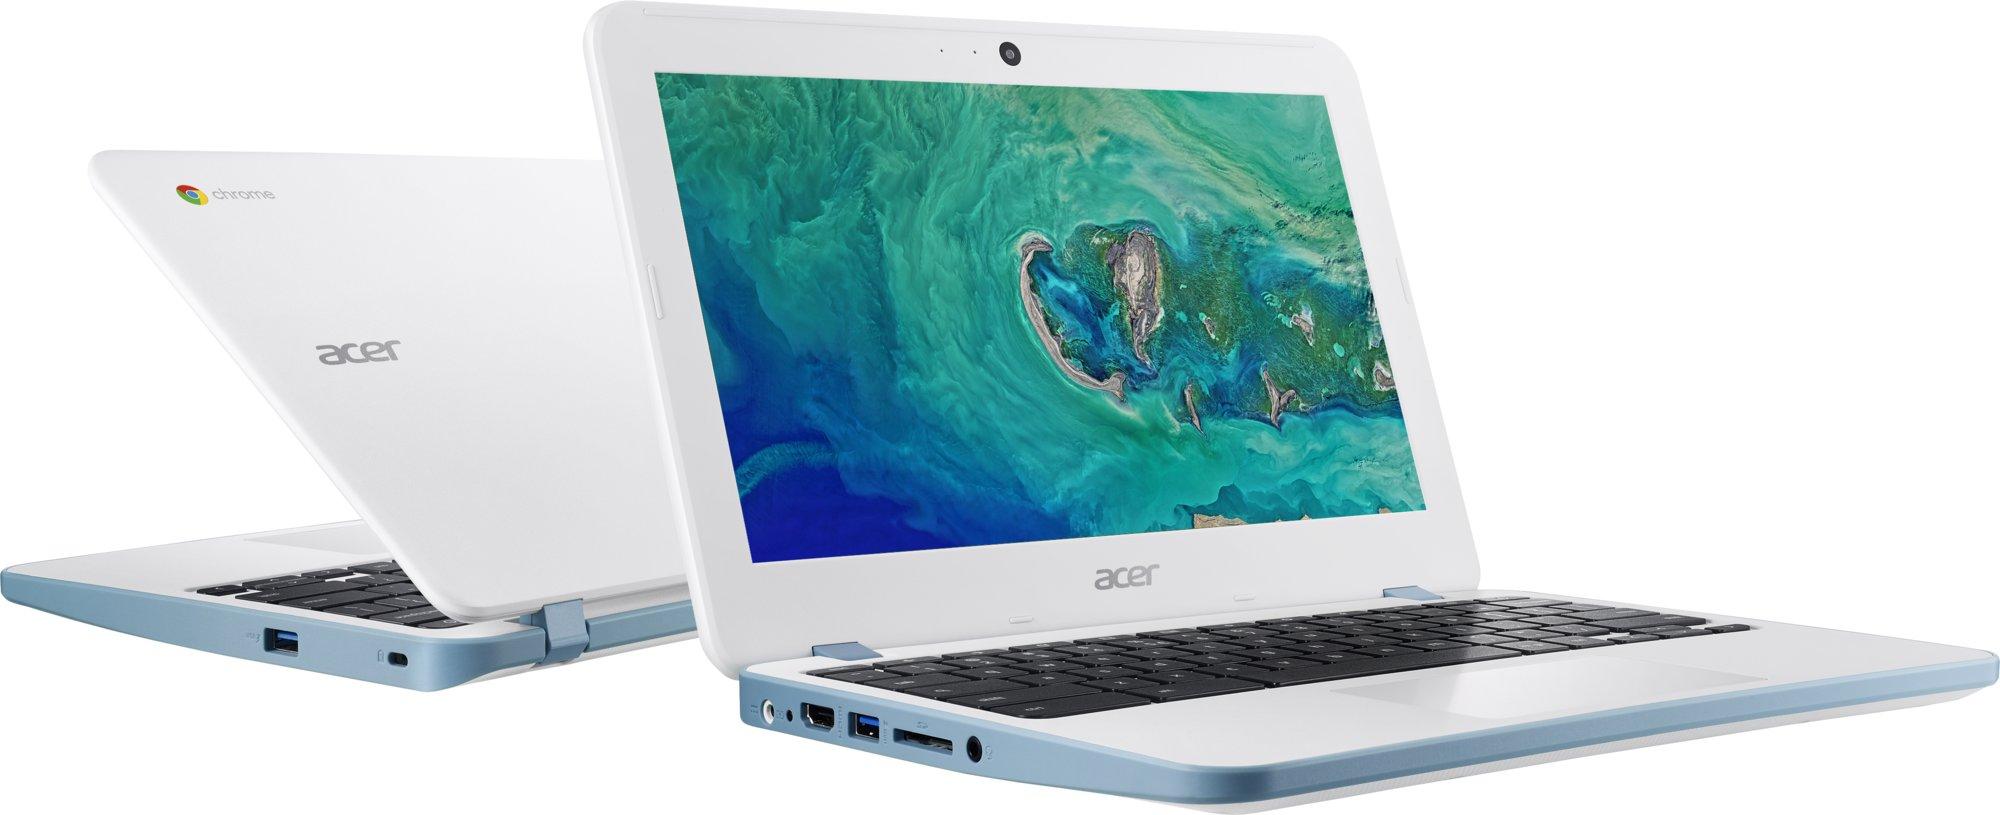 Acer Chromebook 11 N7 CB311-7HT-C64D